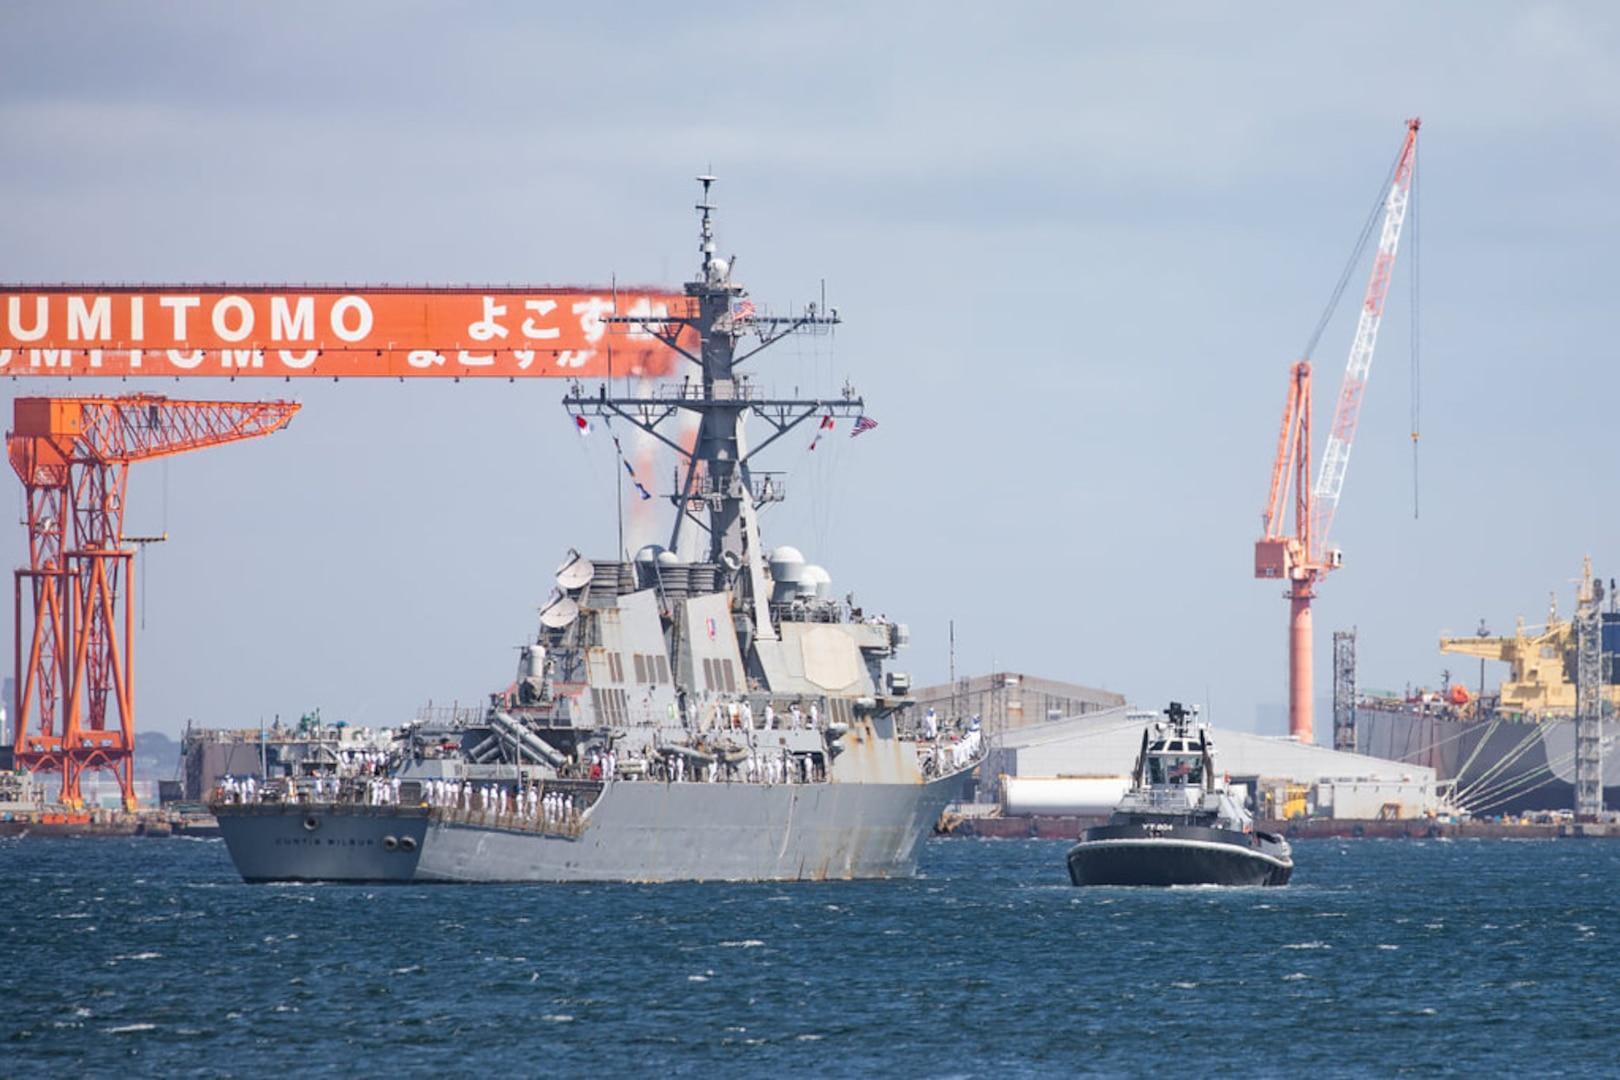 USS Curtis Wilbur departs Yokosuka, Japan after 25 years in U.S. 7th Fleet